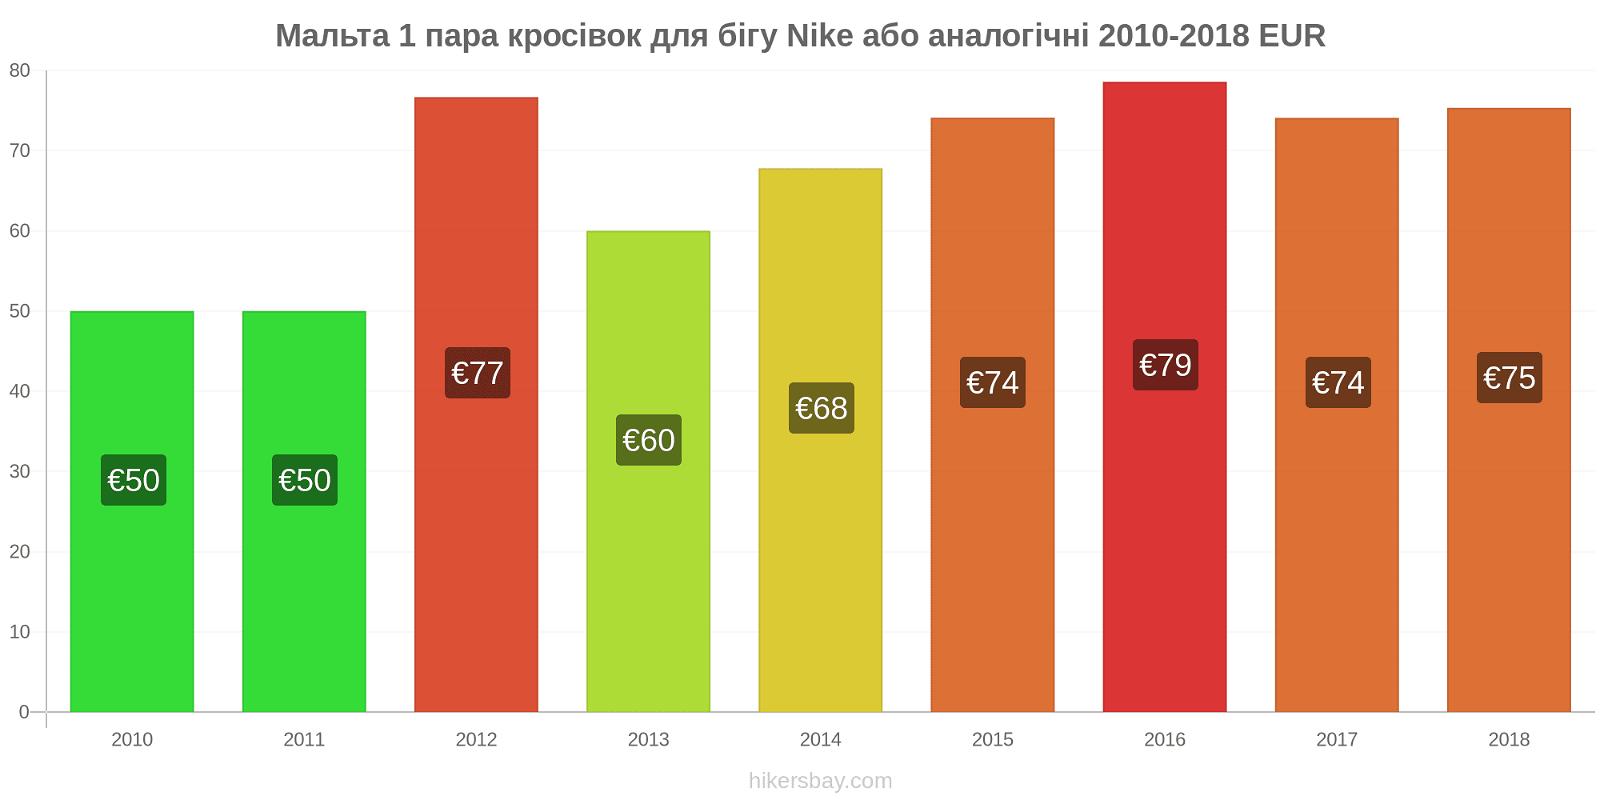 Мальта зміни цін 1 пара кросівок для бігу Nike або аналогічні hikersbay.com